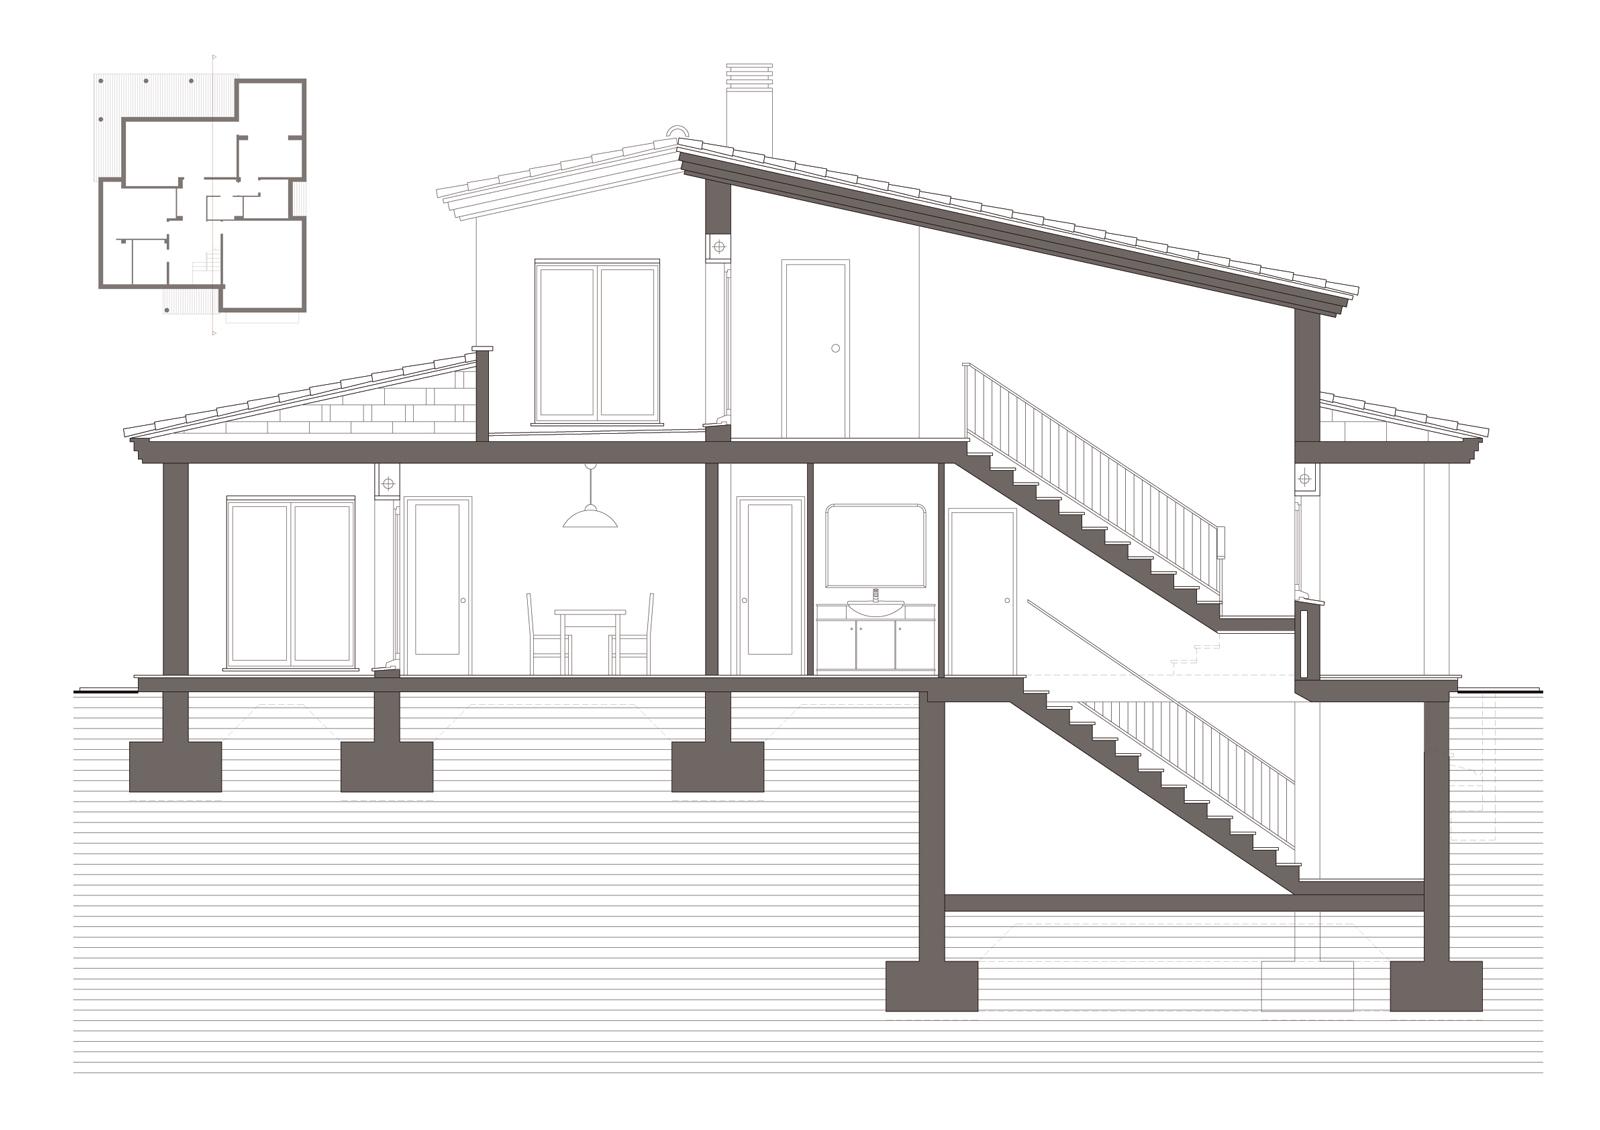 Secció. Projecte d'obra nova: 1998 Habitatge unifamiliar aïllat